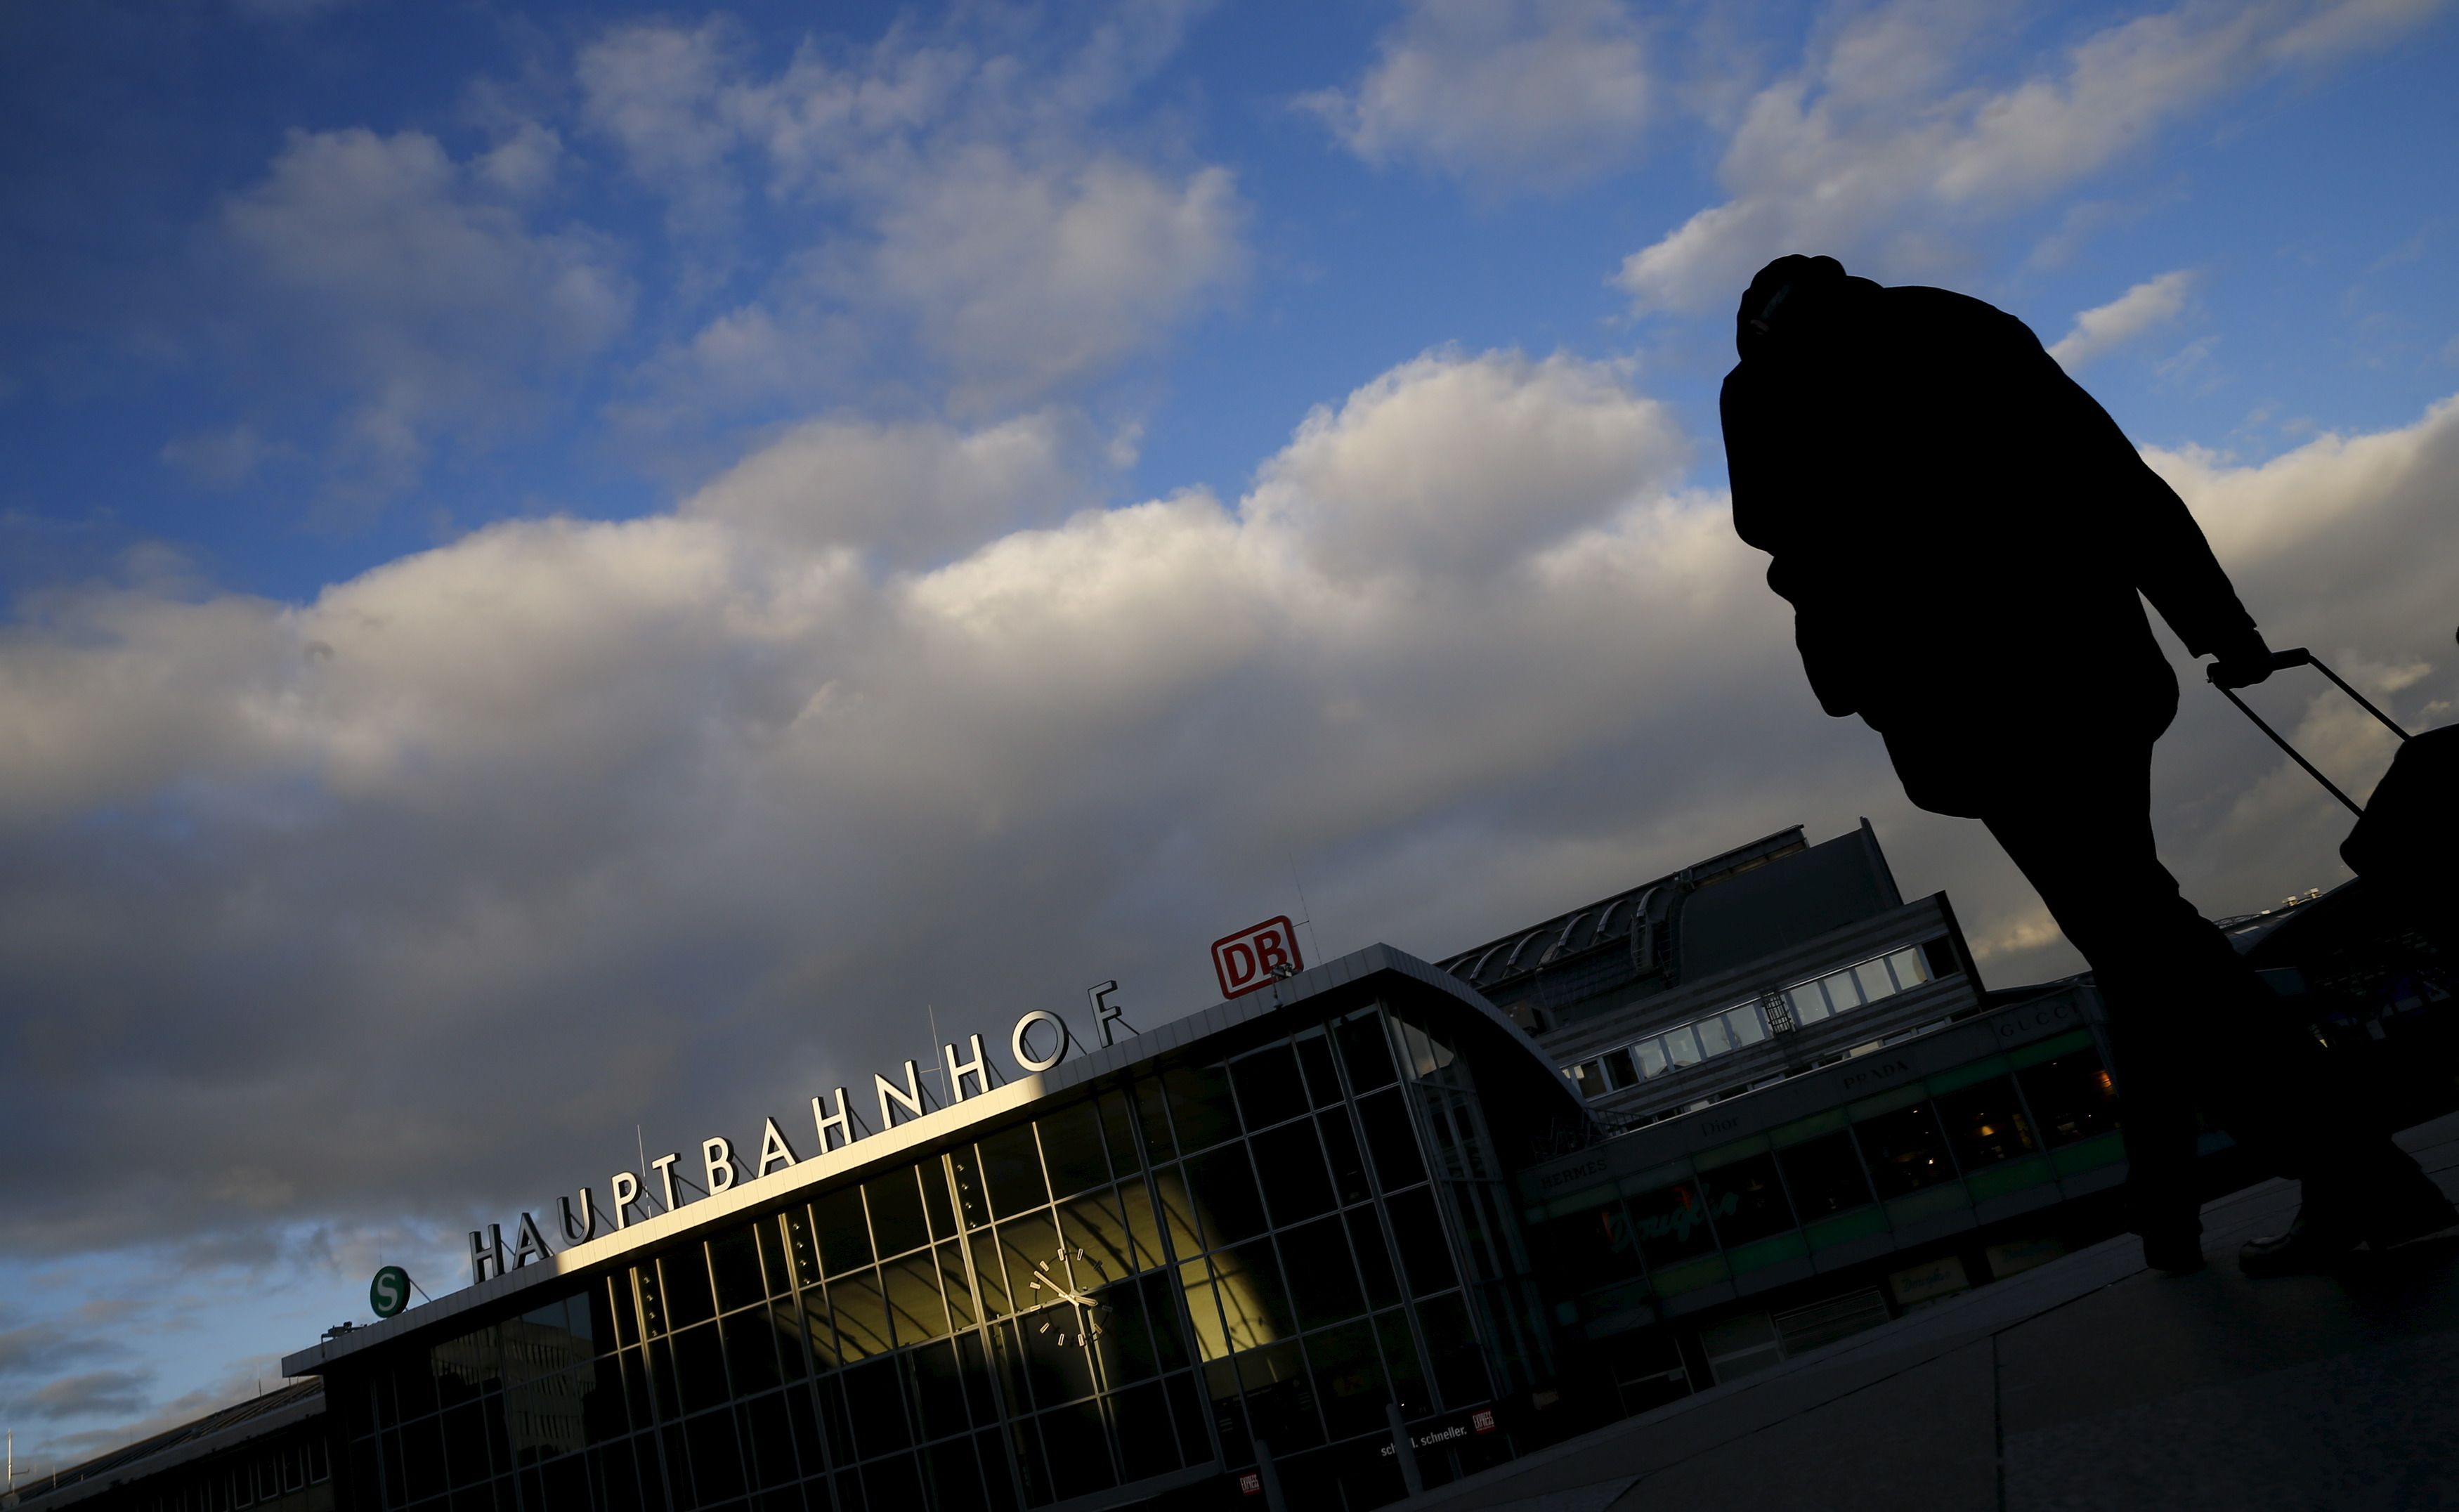 Les agressions du Nouvel an en Allemagne revues à la hausse : pour vraiment comprendre la nature de ces crimes d'un nouveau genre (et des débats qu'ils soulèvent)